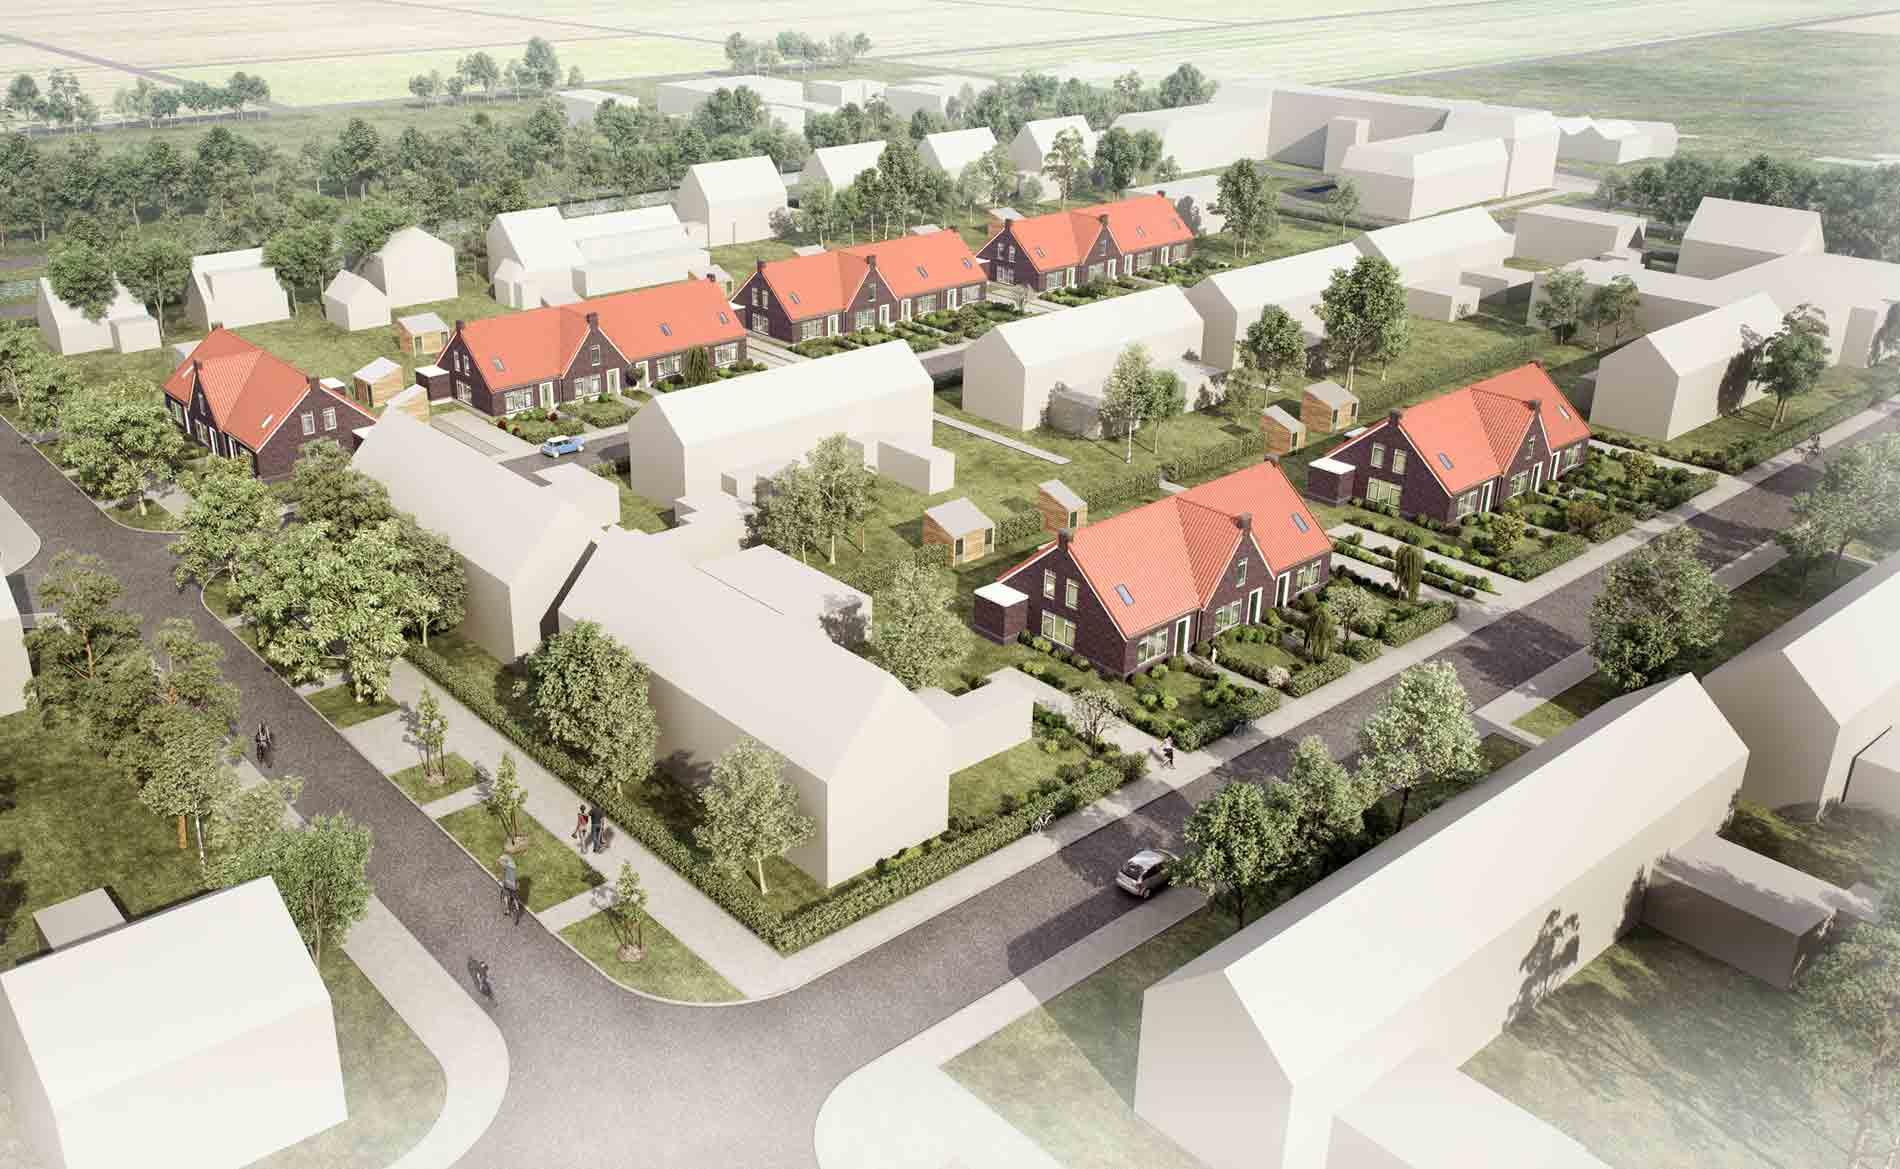 Levensloopbestendige woningen breezand bbhd architecten for Woningbouwvereniging anna paulowna